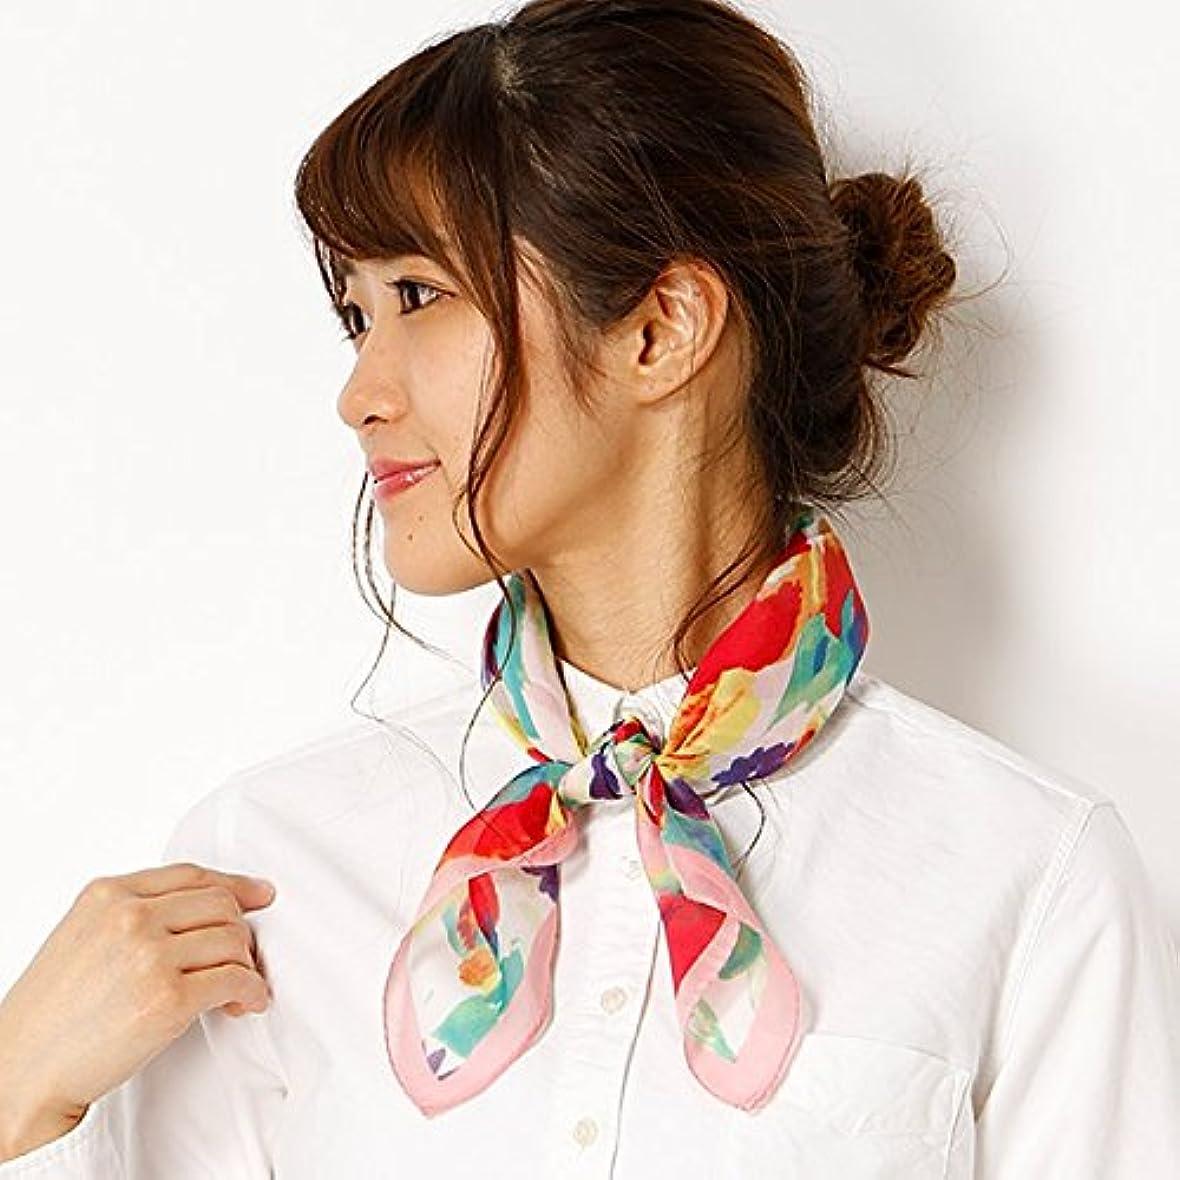 流産アラスカ居住者ミックス ファクトリー(mix factory) 【手洗いOK】フラワープリントプチスカーフ